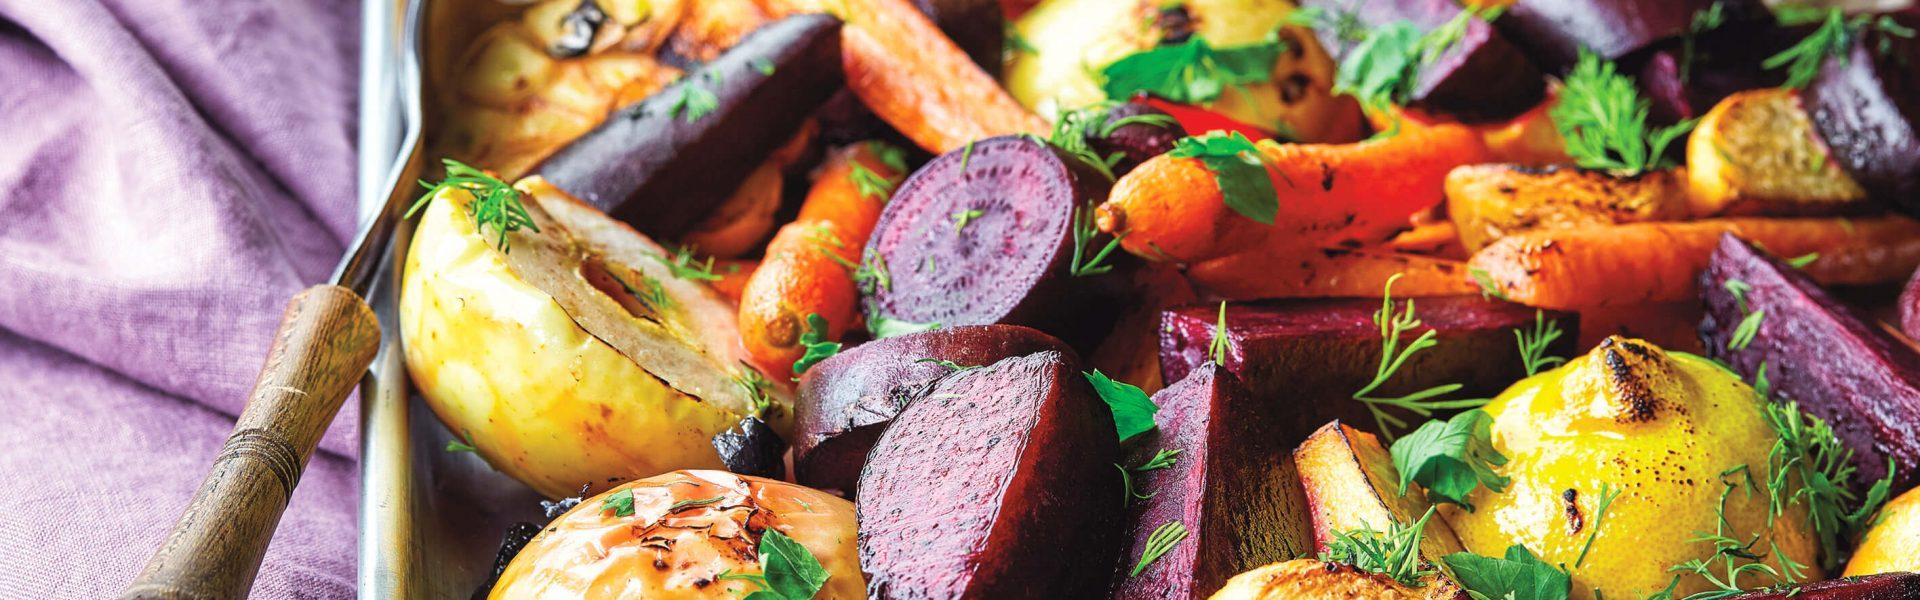 Zoom sur les légumes oubliés